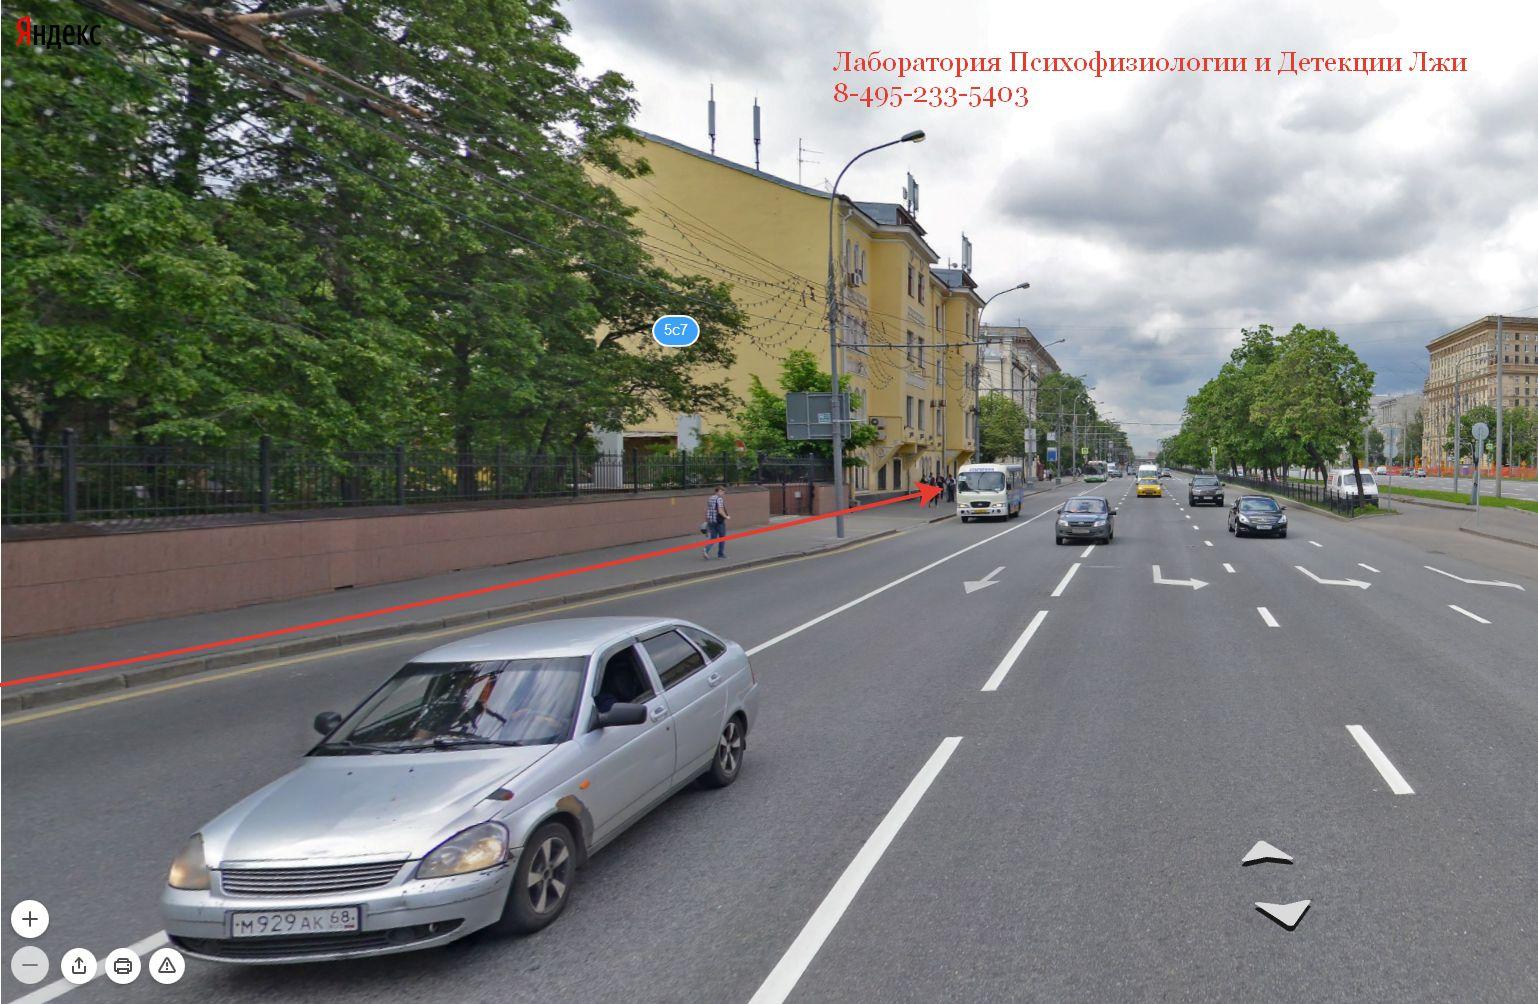 Проверка на полиграфе в Москве. Как пройти от метро Белорусская.